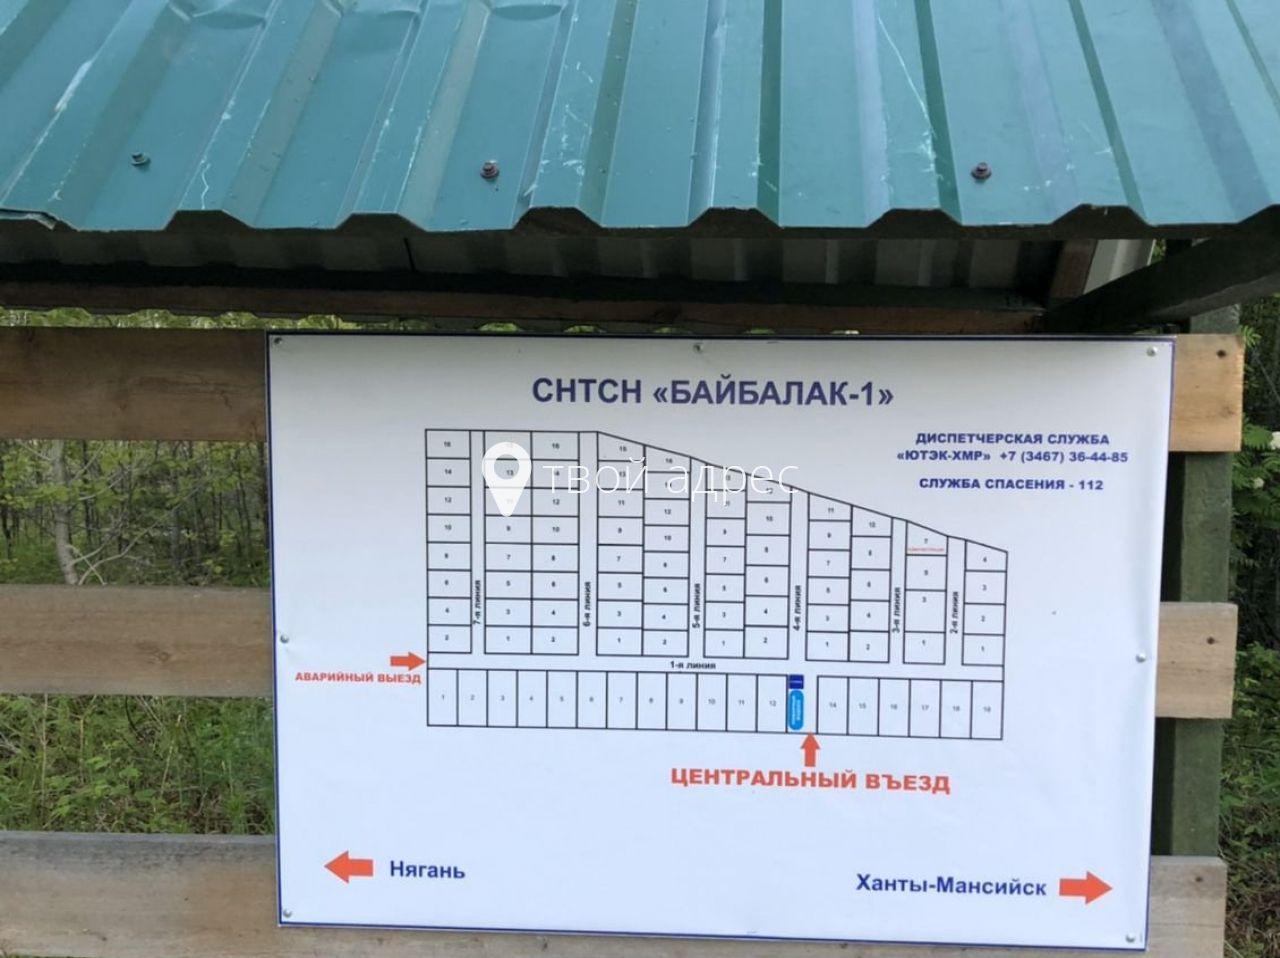 Днп расшифровка на земельный участок: что это такое, чем дачное некоммерческое партнерство отличается от индивидуального жилищного строительства